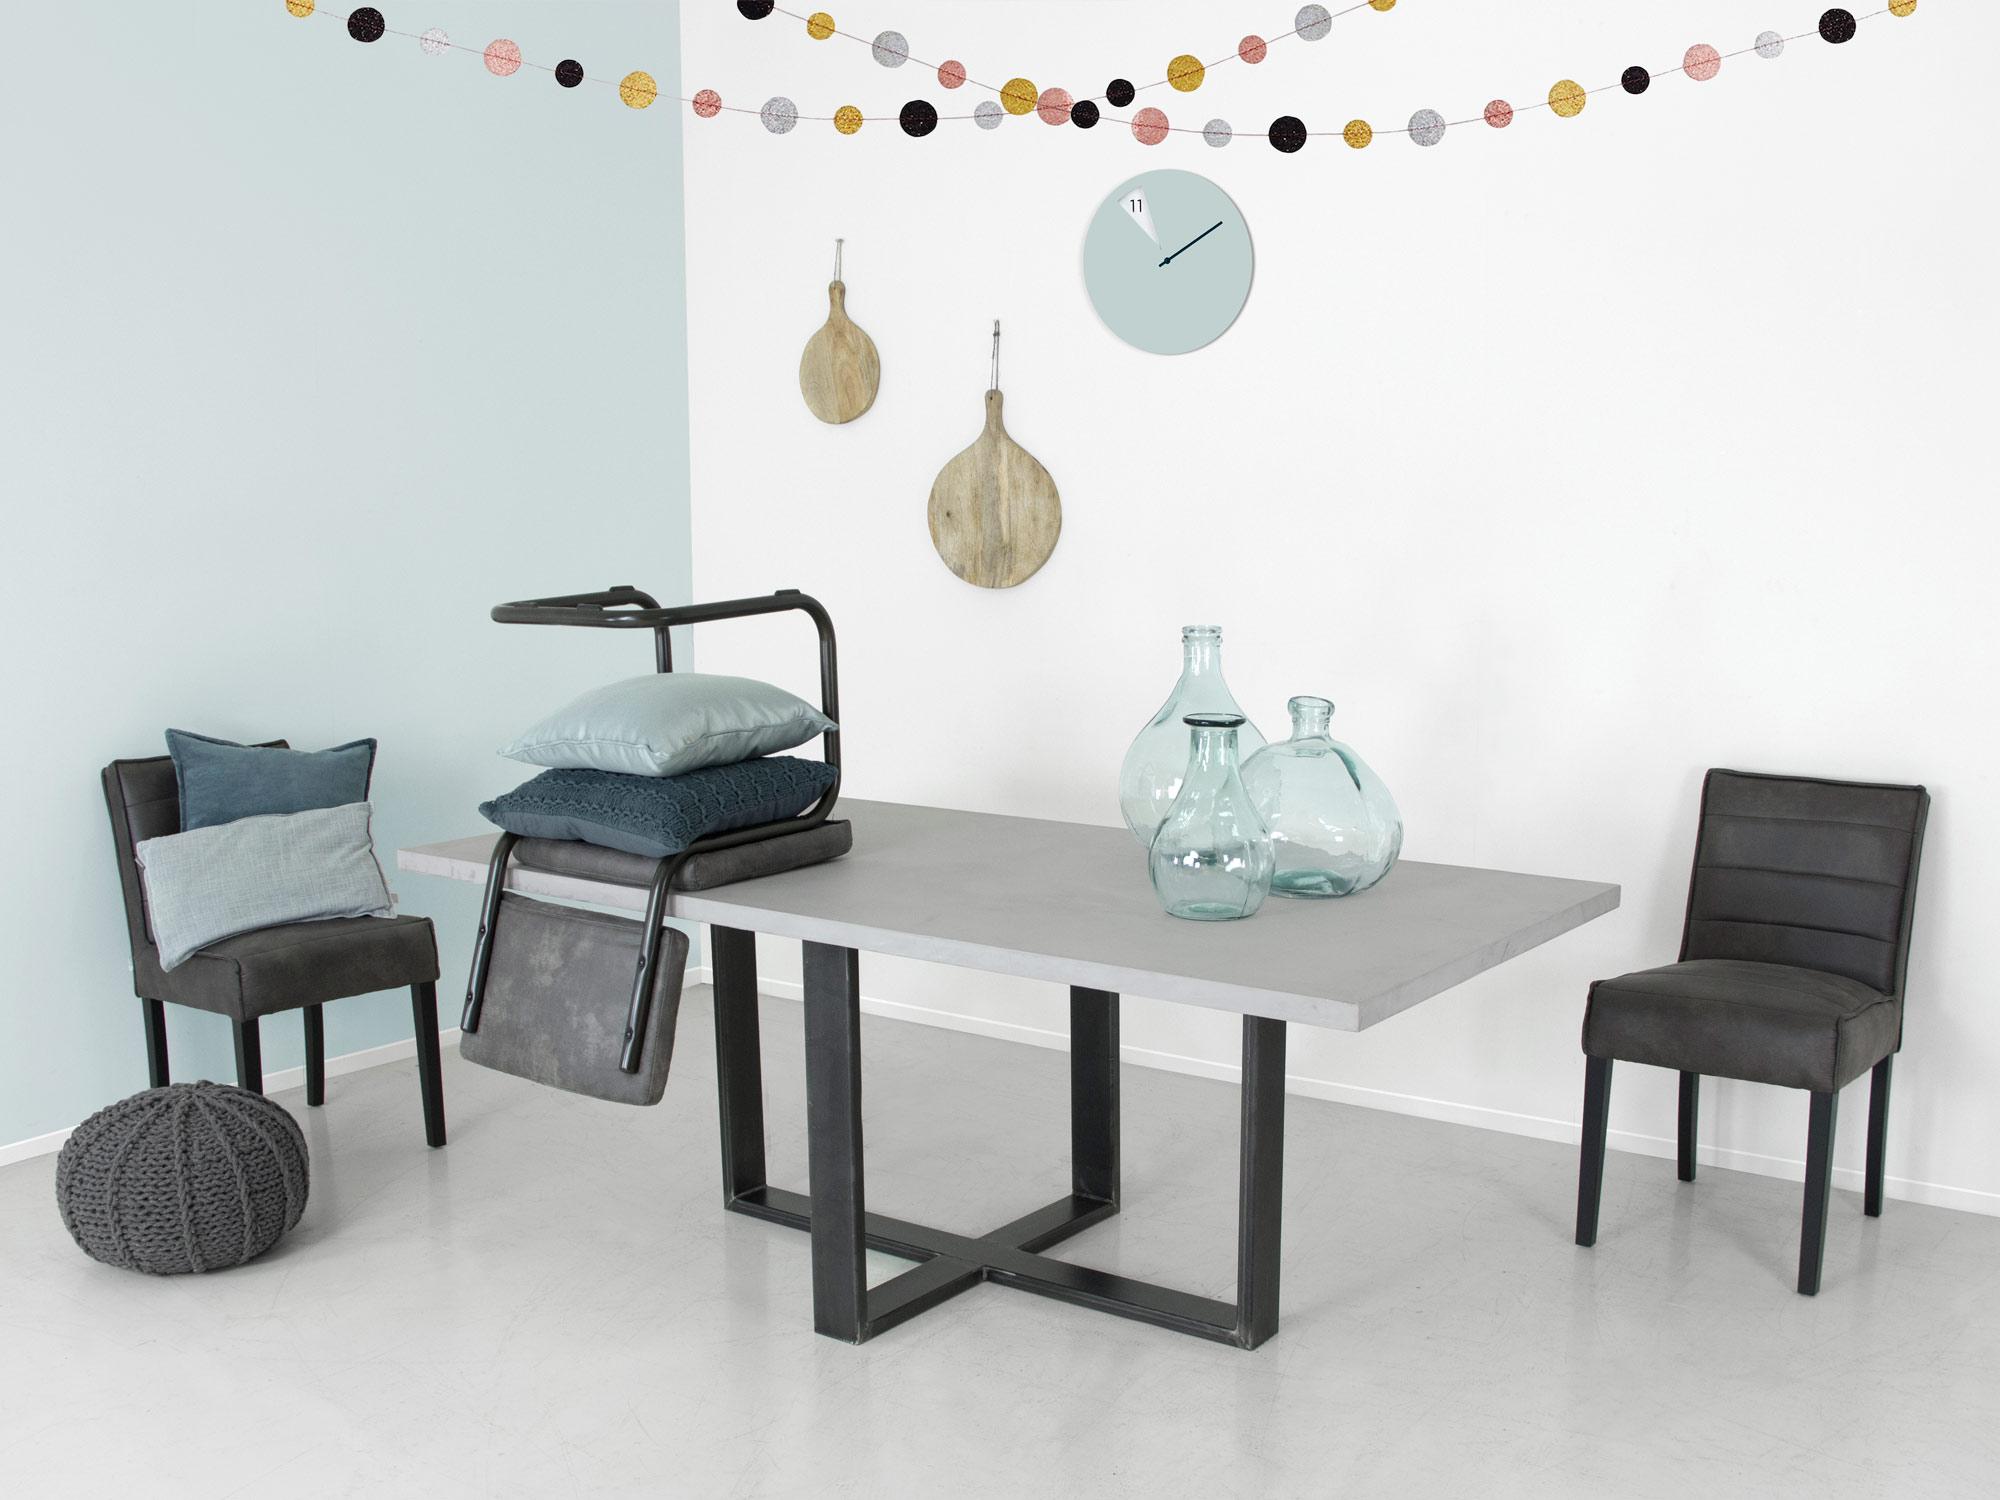 Betonlook tafel echt microbeton bekijk bij fØrn in showroom zwolle